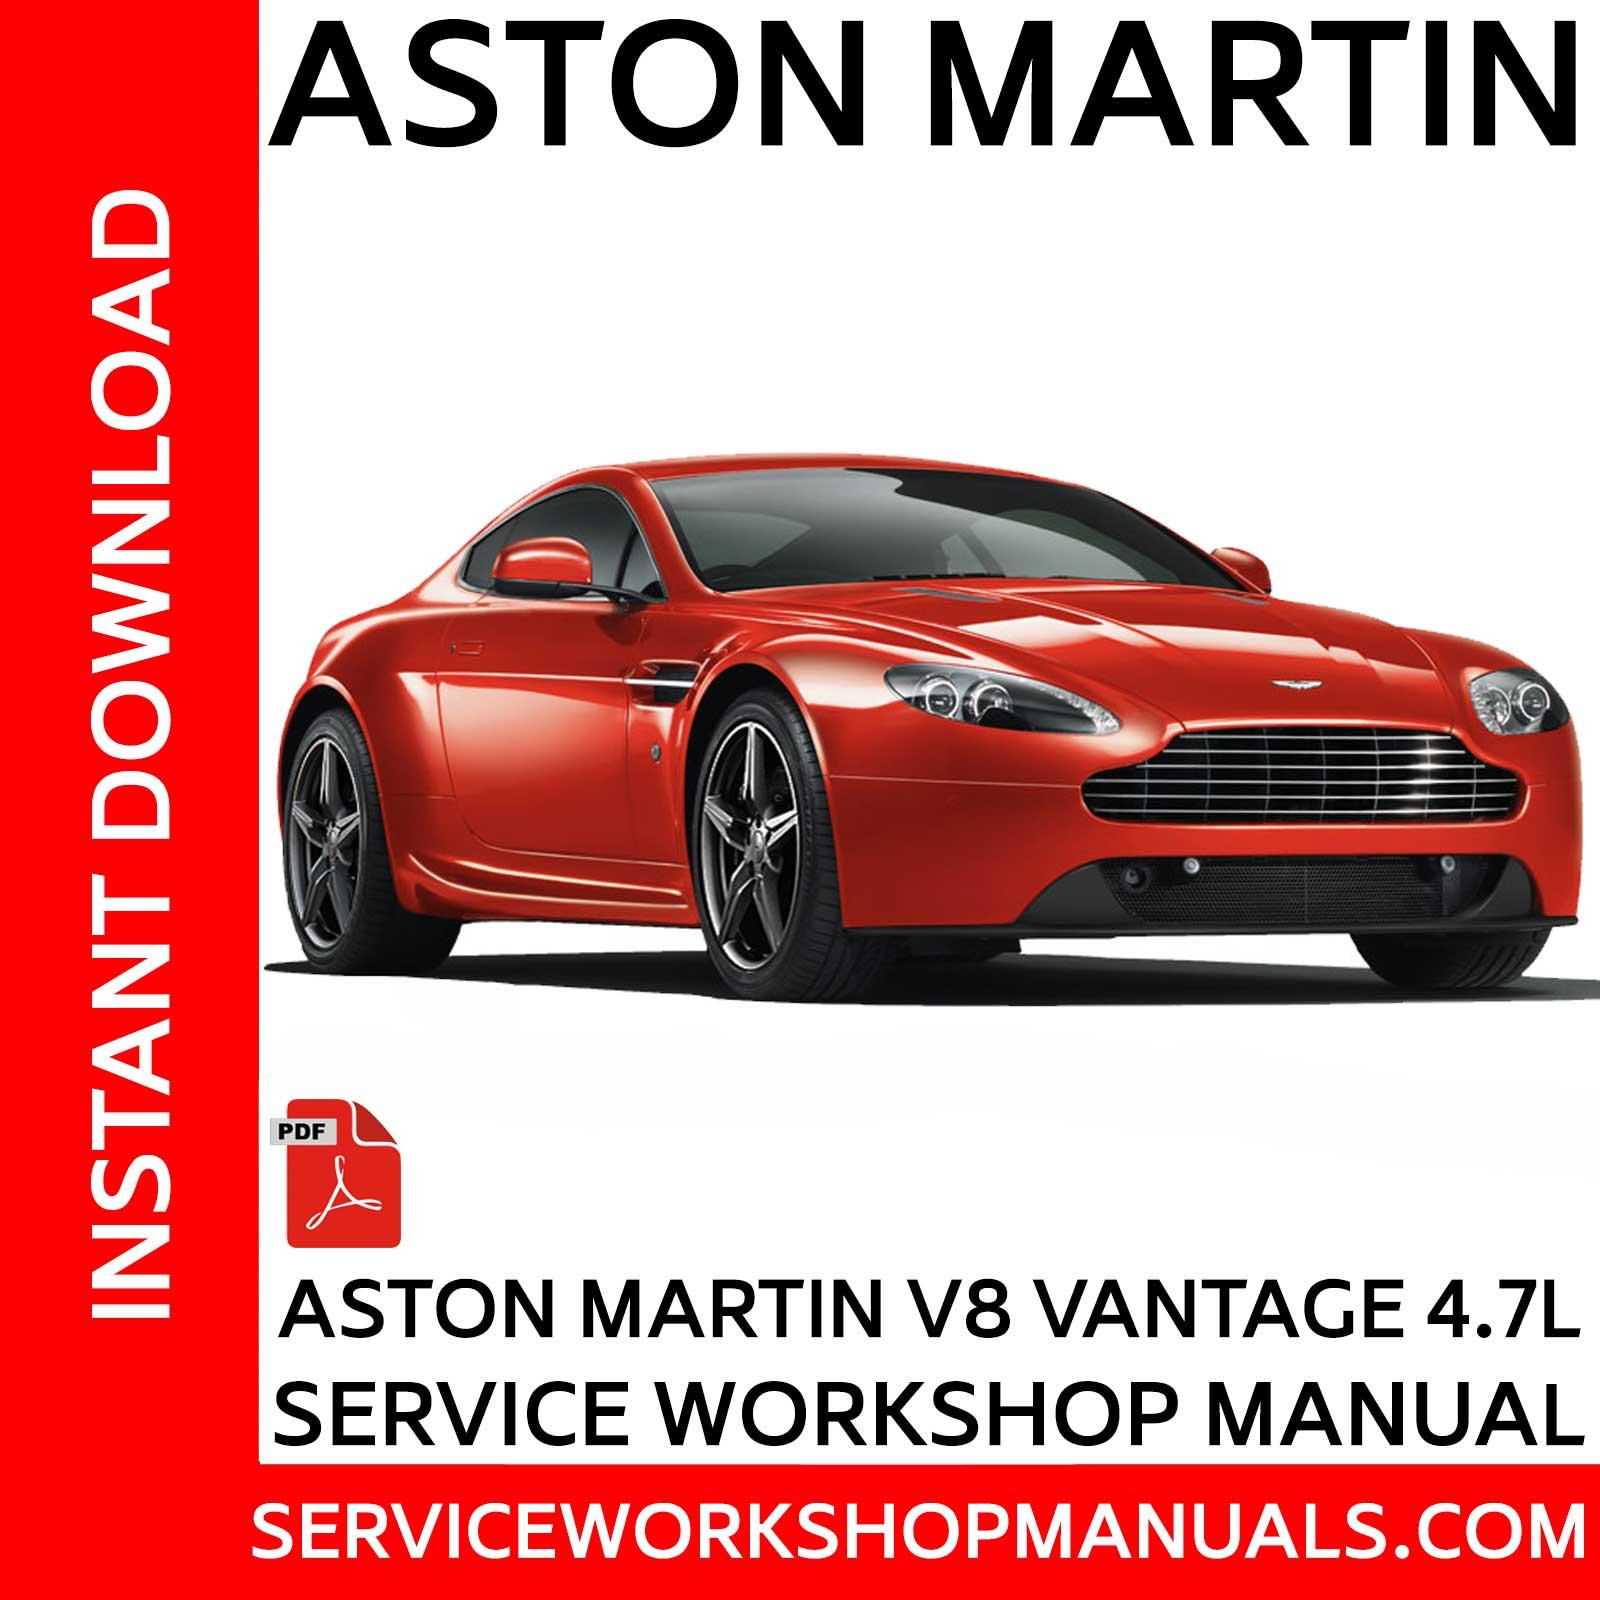 Aston Martin V8 Vantage 4 7l Service Workshop Manual Service Workshop Manuals